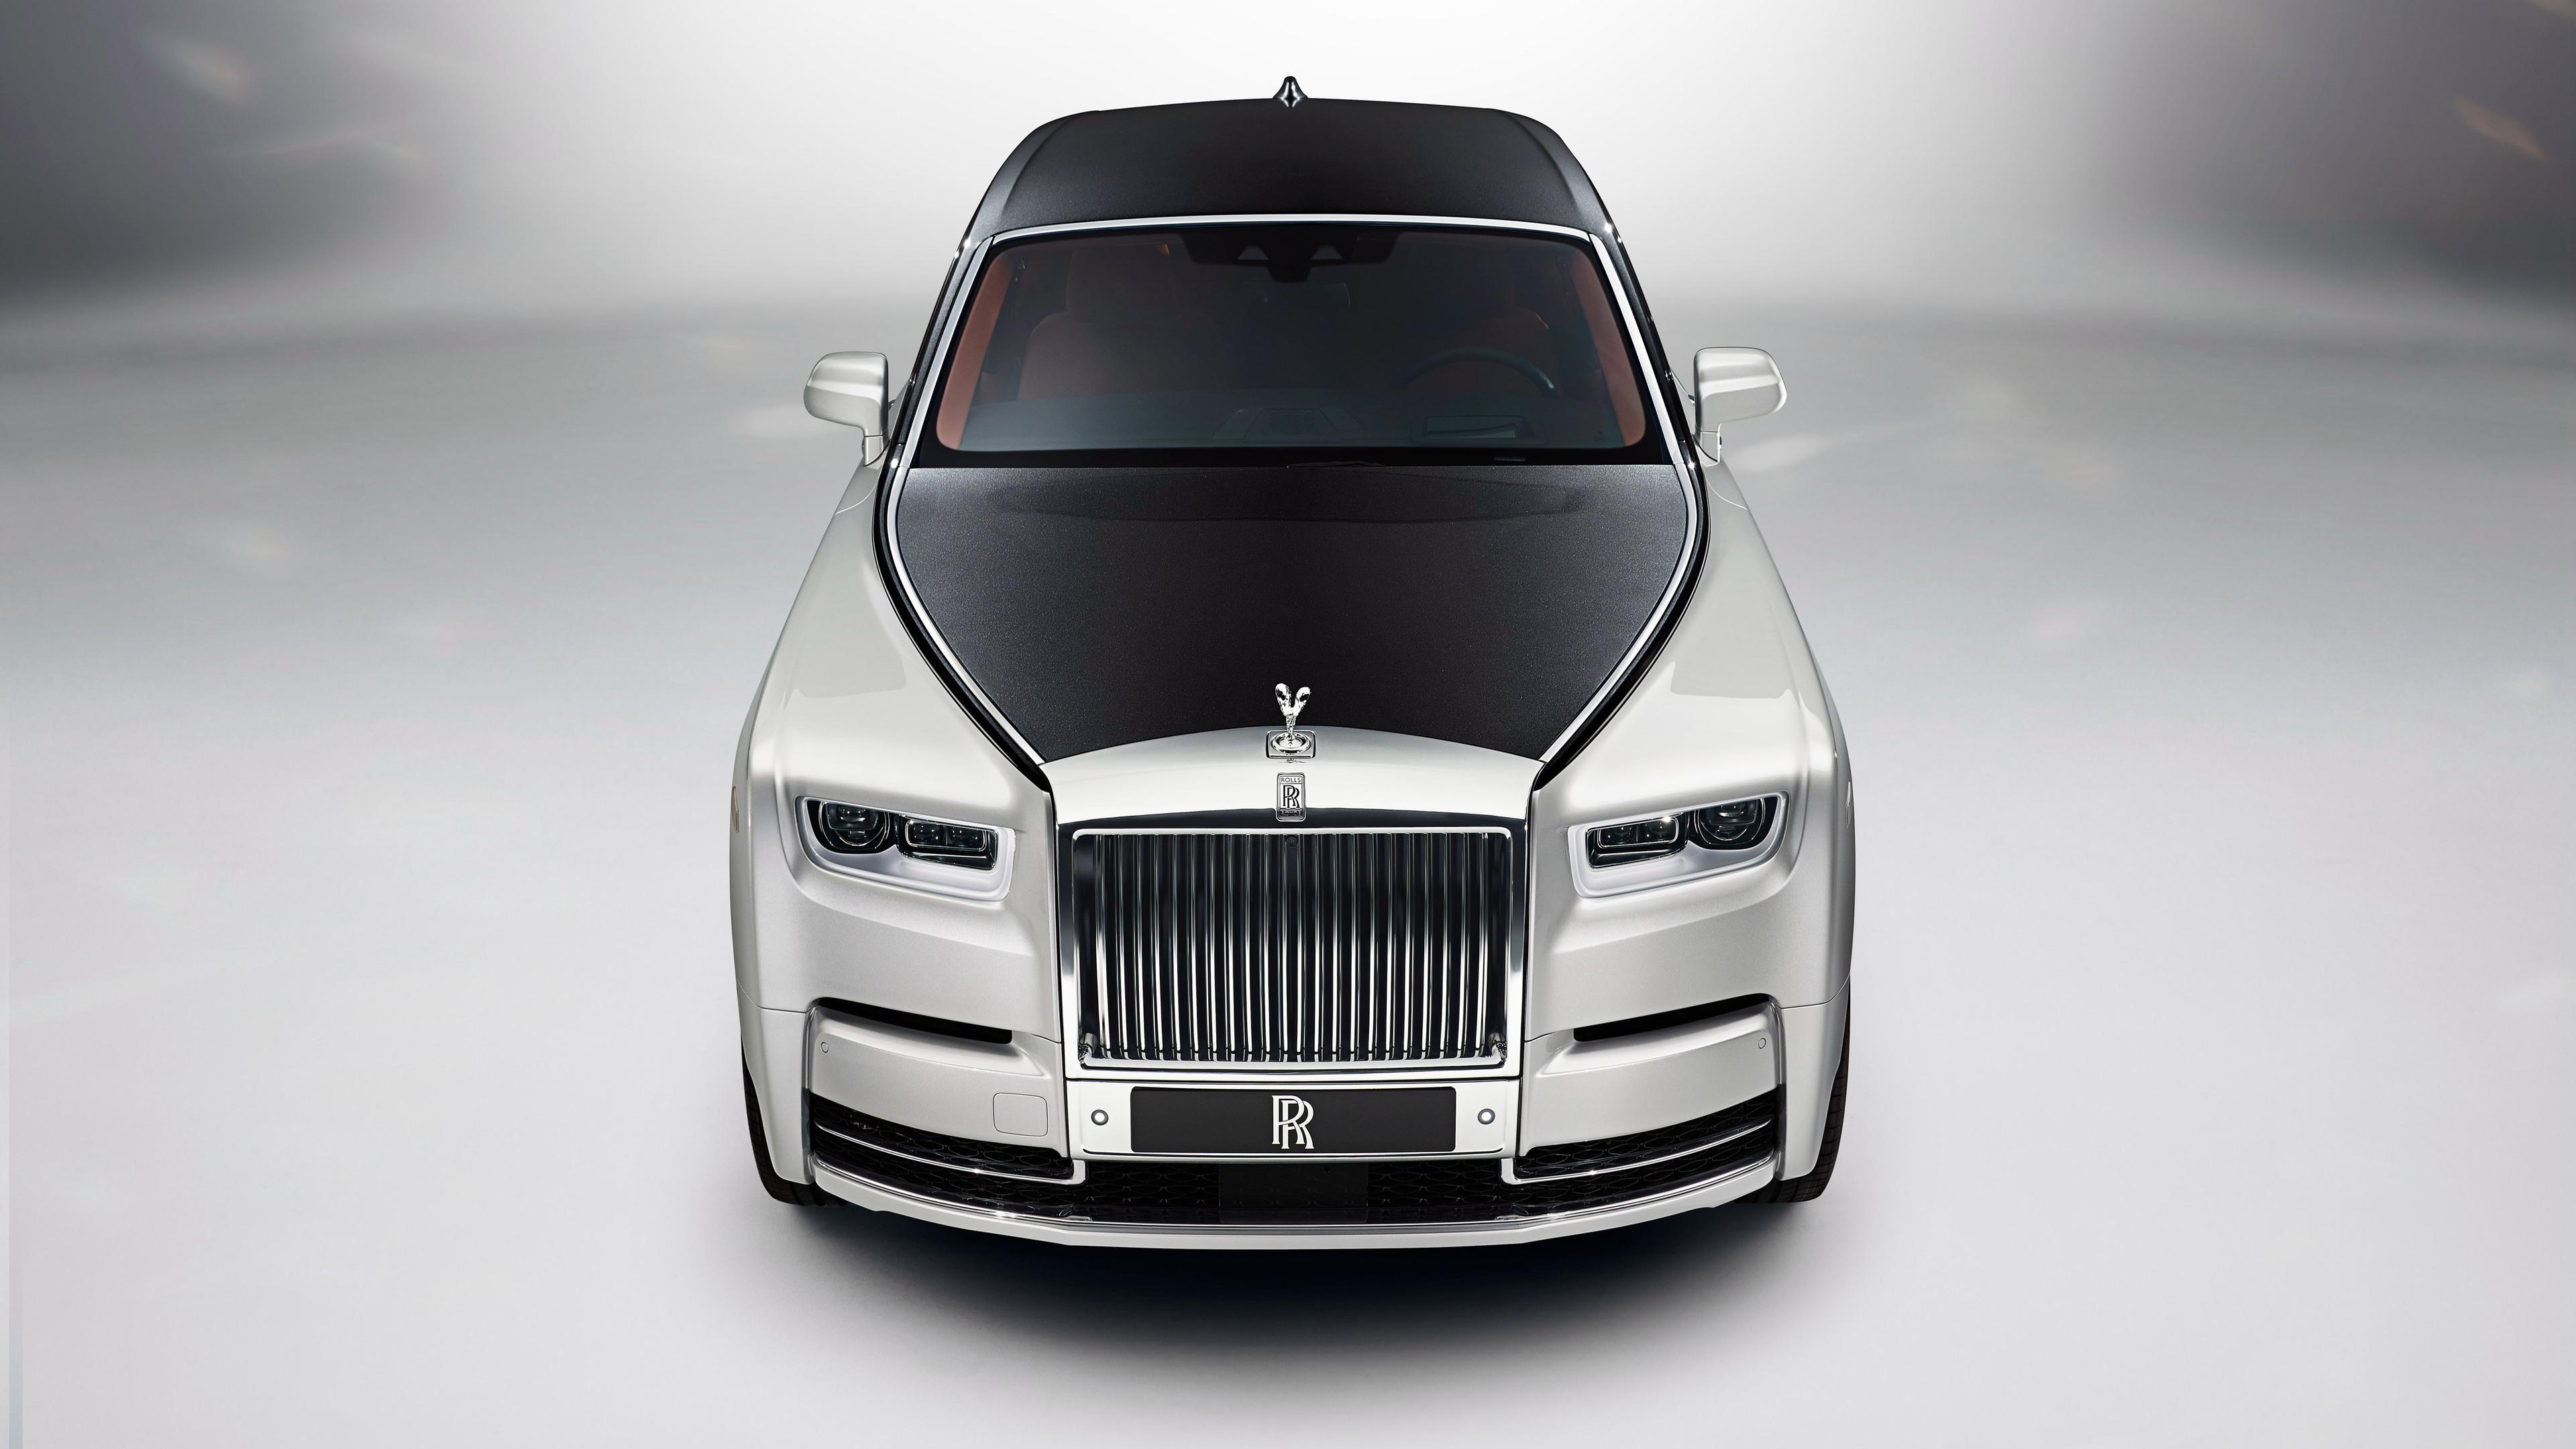 3840x2160 2017 Rolls Royce Phantom 4k HD 4k Wallpapers ...